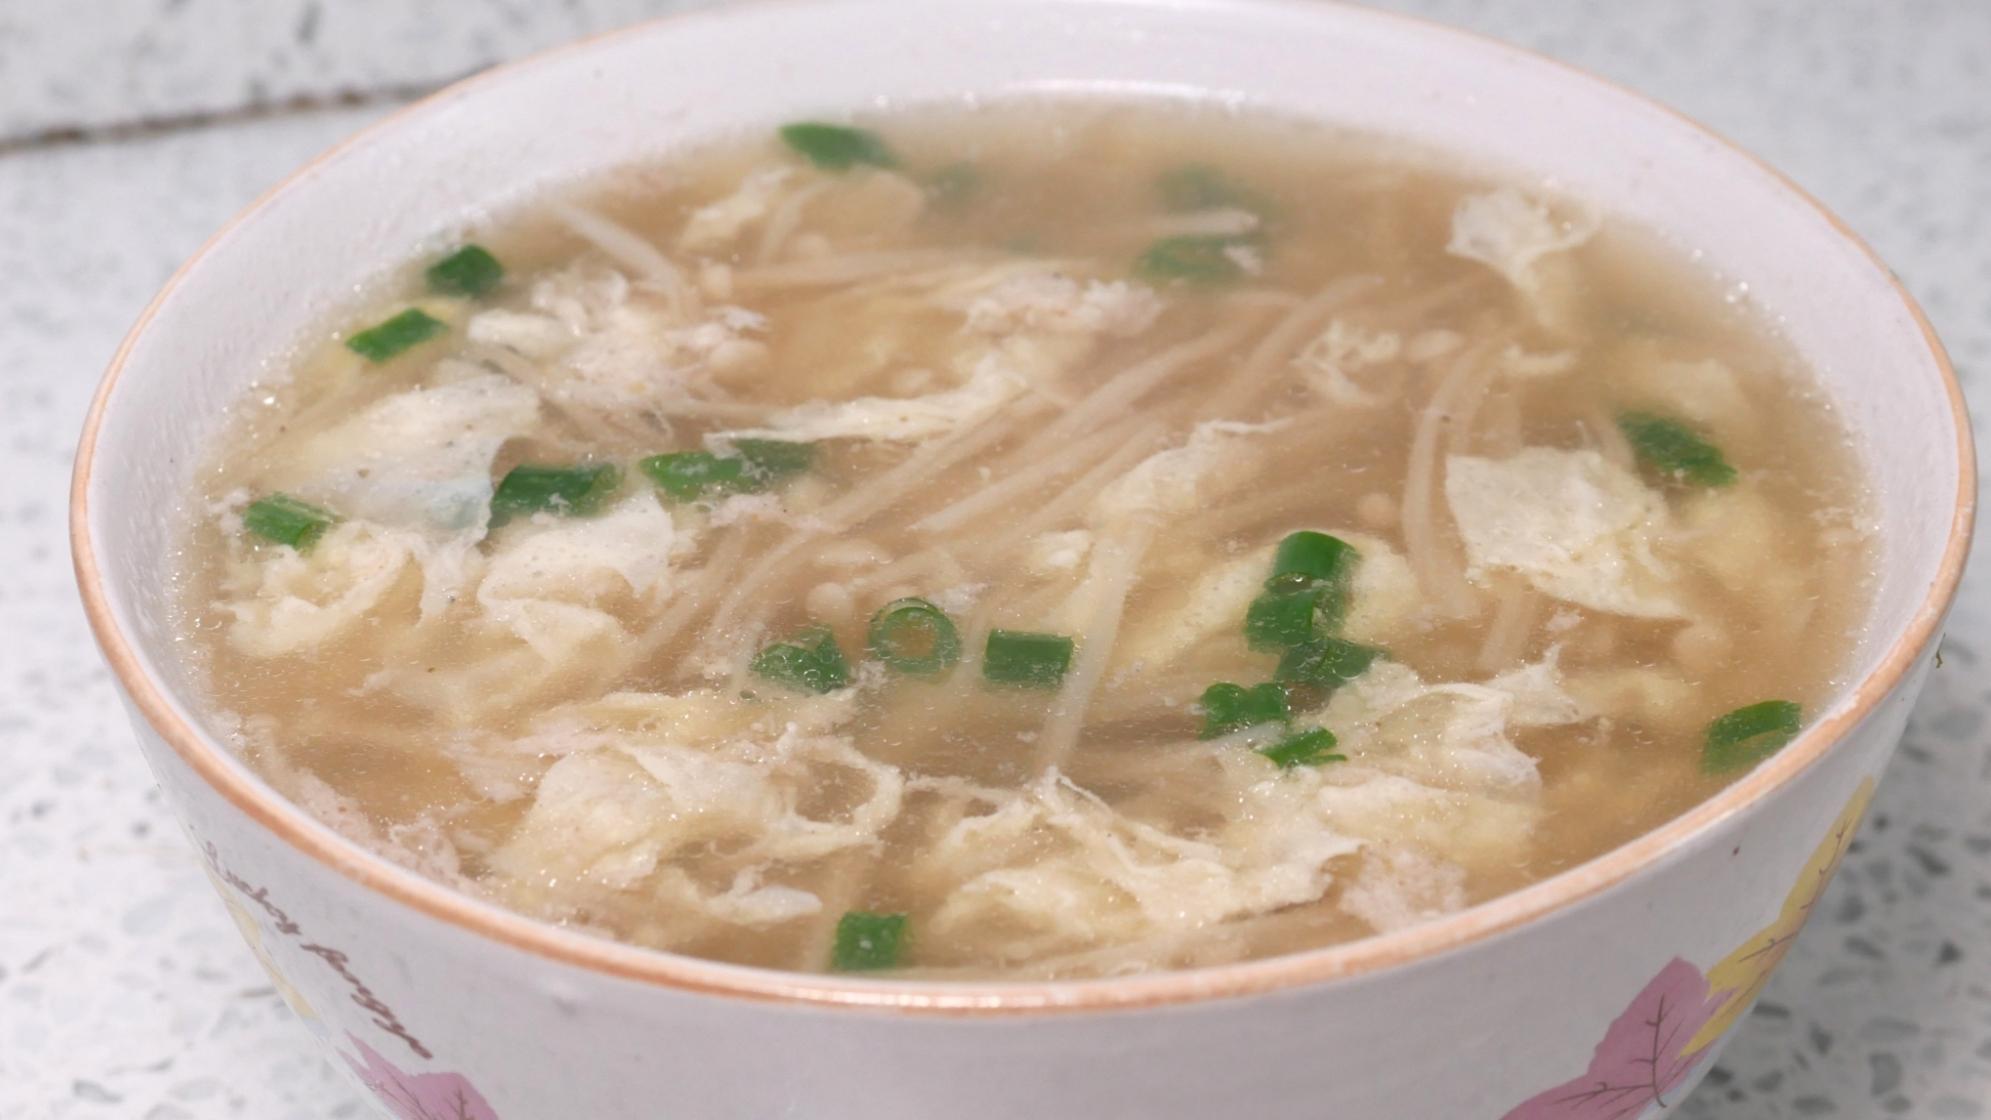 1把金针菇,1颗鸡蛋,2分钟教你做营养汤,做法简单又健康